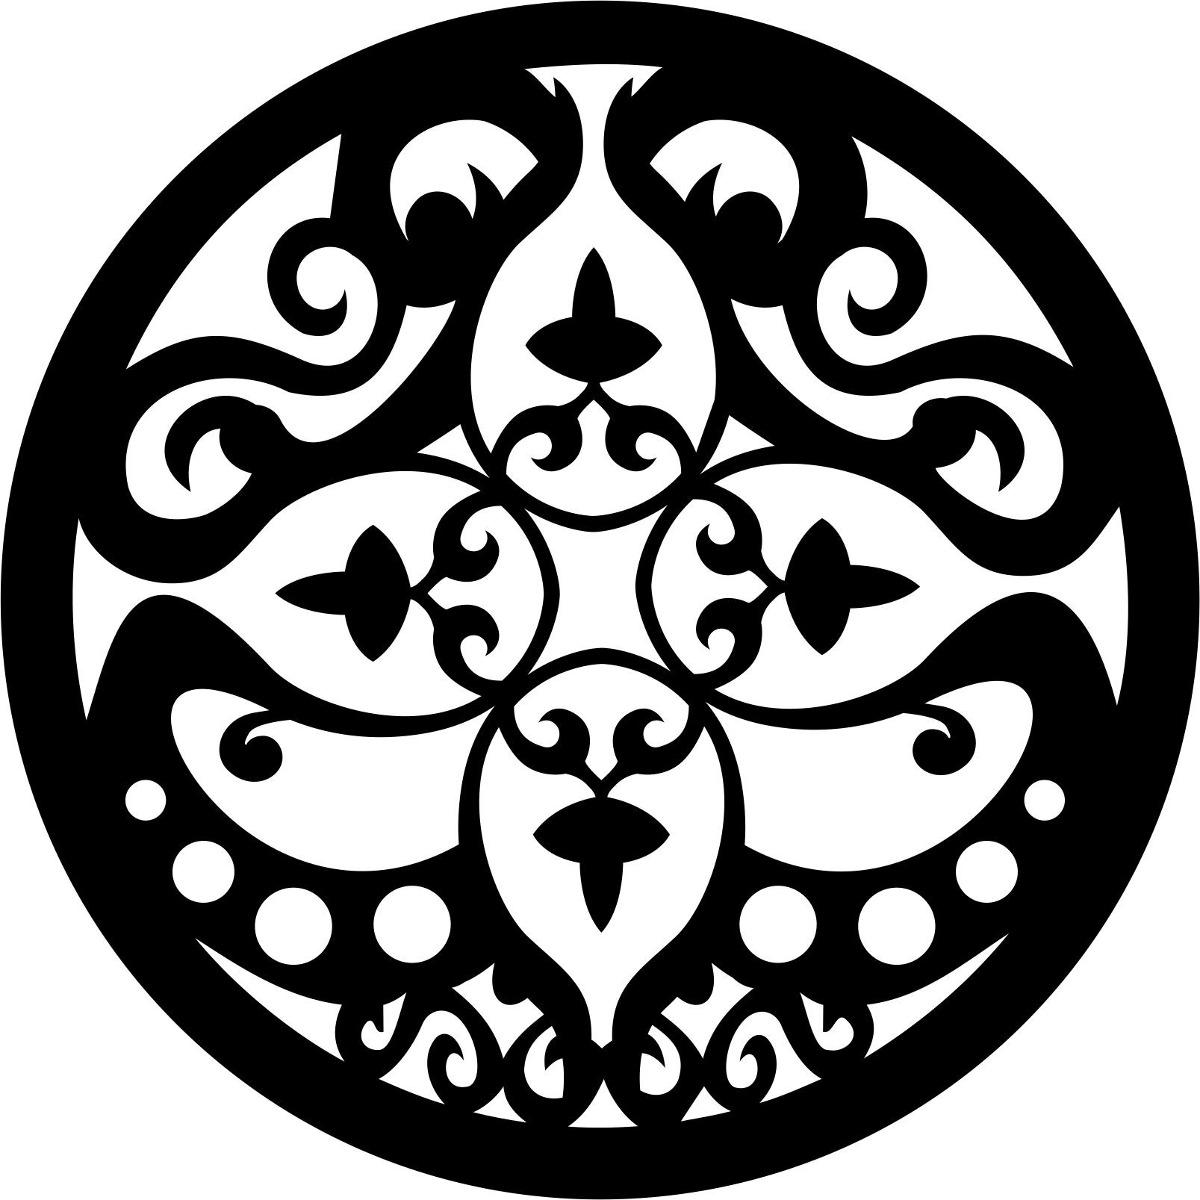 Mandala Mdf Decorativa Quadro Escultura Parede Recorte 50cm R$ 18 90  #666666 1200x1200